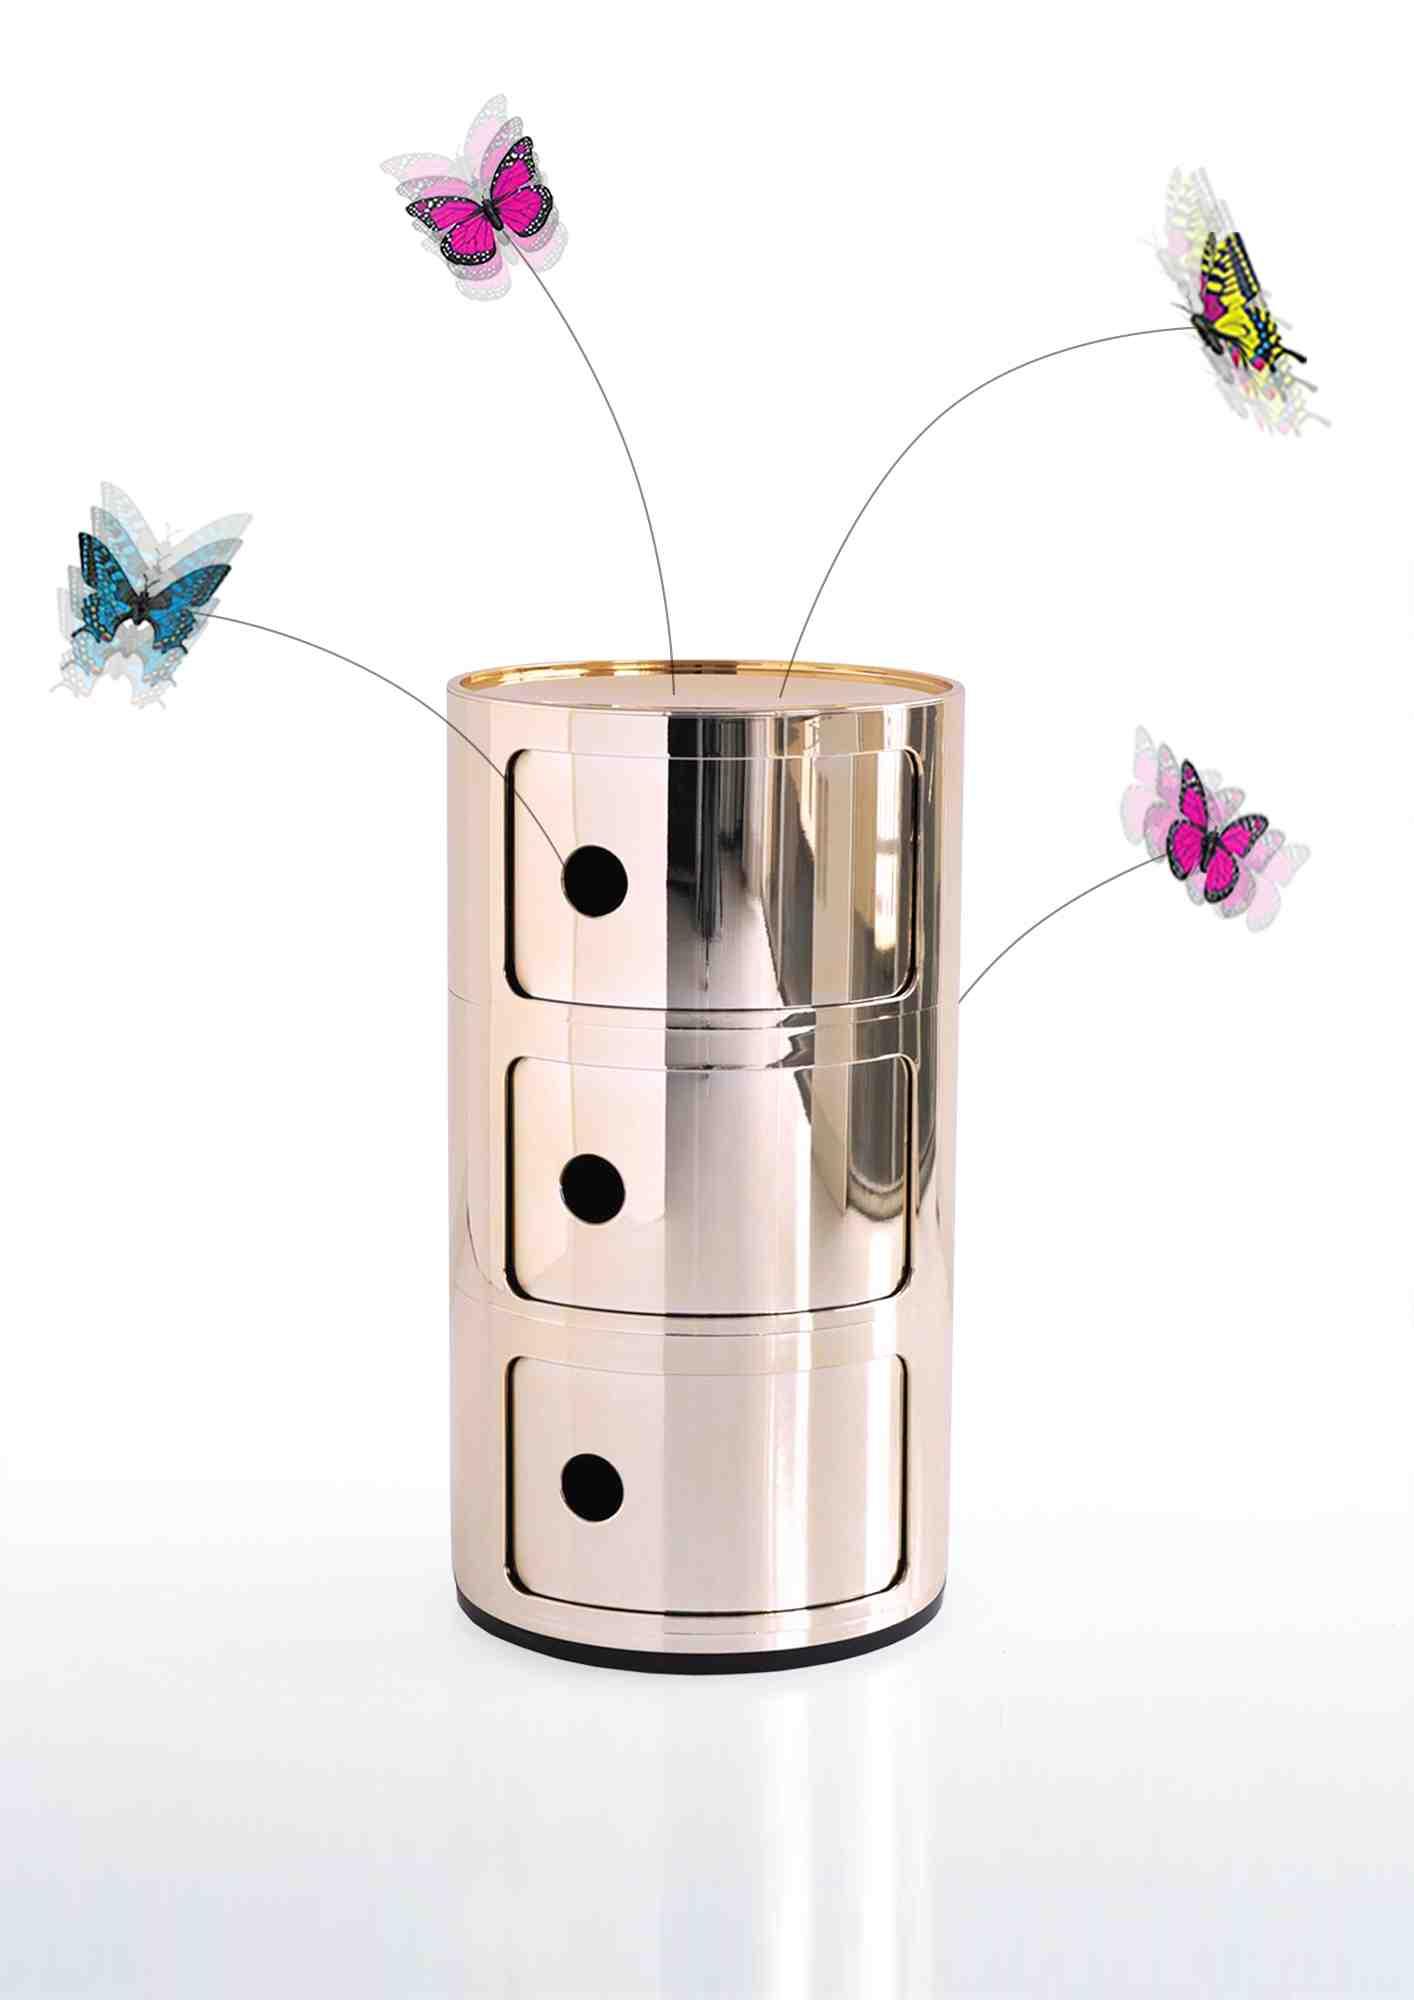 Piccole farfalle svolazzano e danzano intorno a un bel fiore. Amiamo quel fiore come se avesse vita. Continuerà ad ammaliare di generazione in generazione. Per commemorare il 50o anniversario, dedico quest'opera ad Anna Castelli Ferrieri. Tokujin Yoshioka